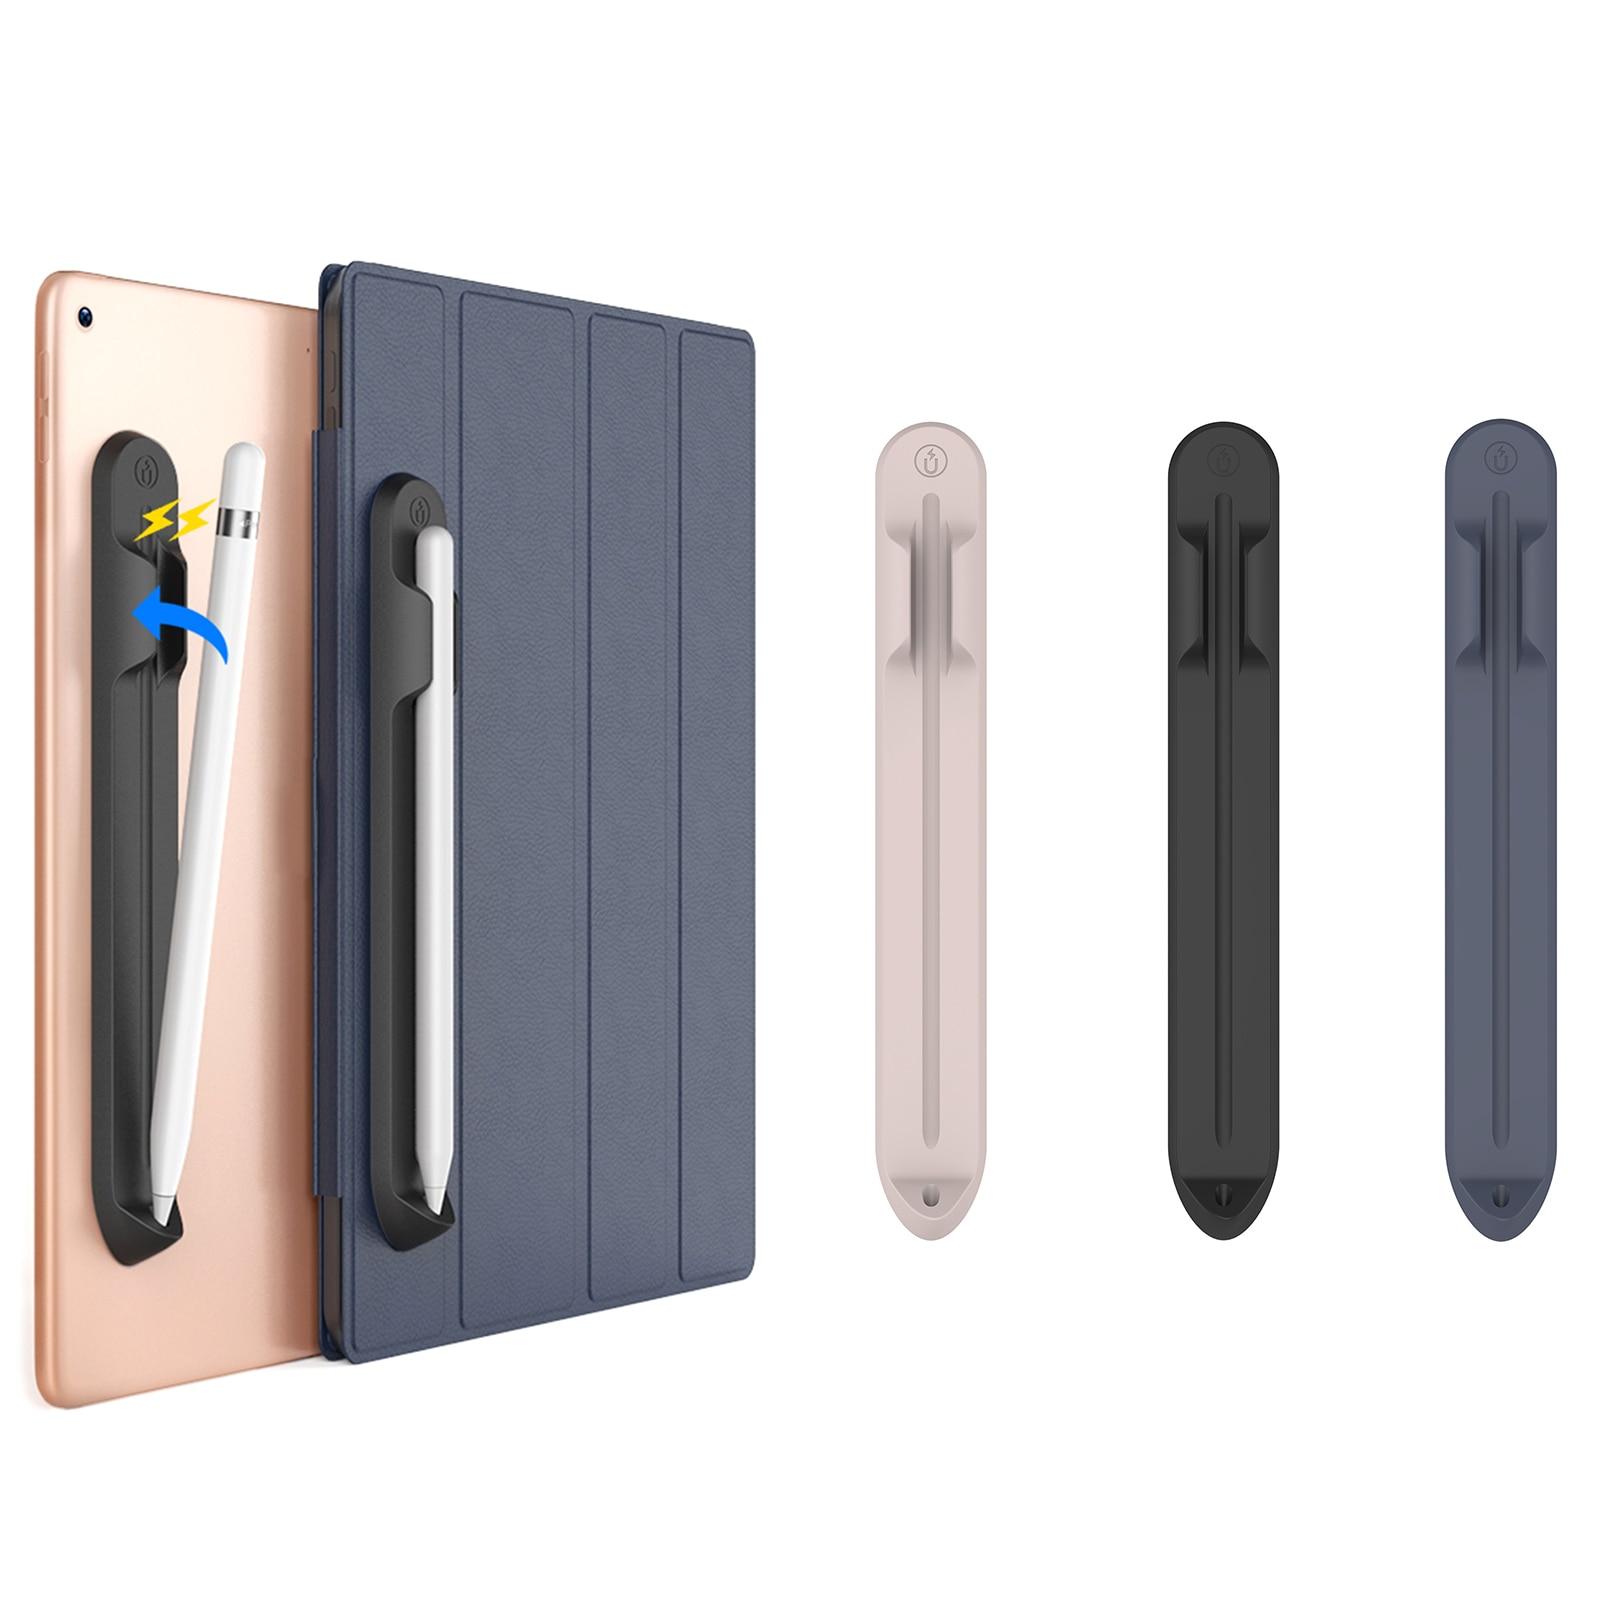 Силиконовый чехол для карандаша, держатель для карандаша 1 2 Gen, чехол для планшета, сенсорного экрана, слот для ручки, защитный чехол, чехол, ч... чехол